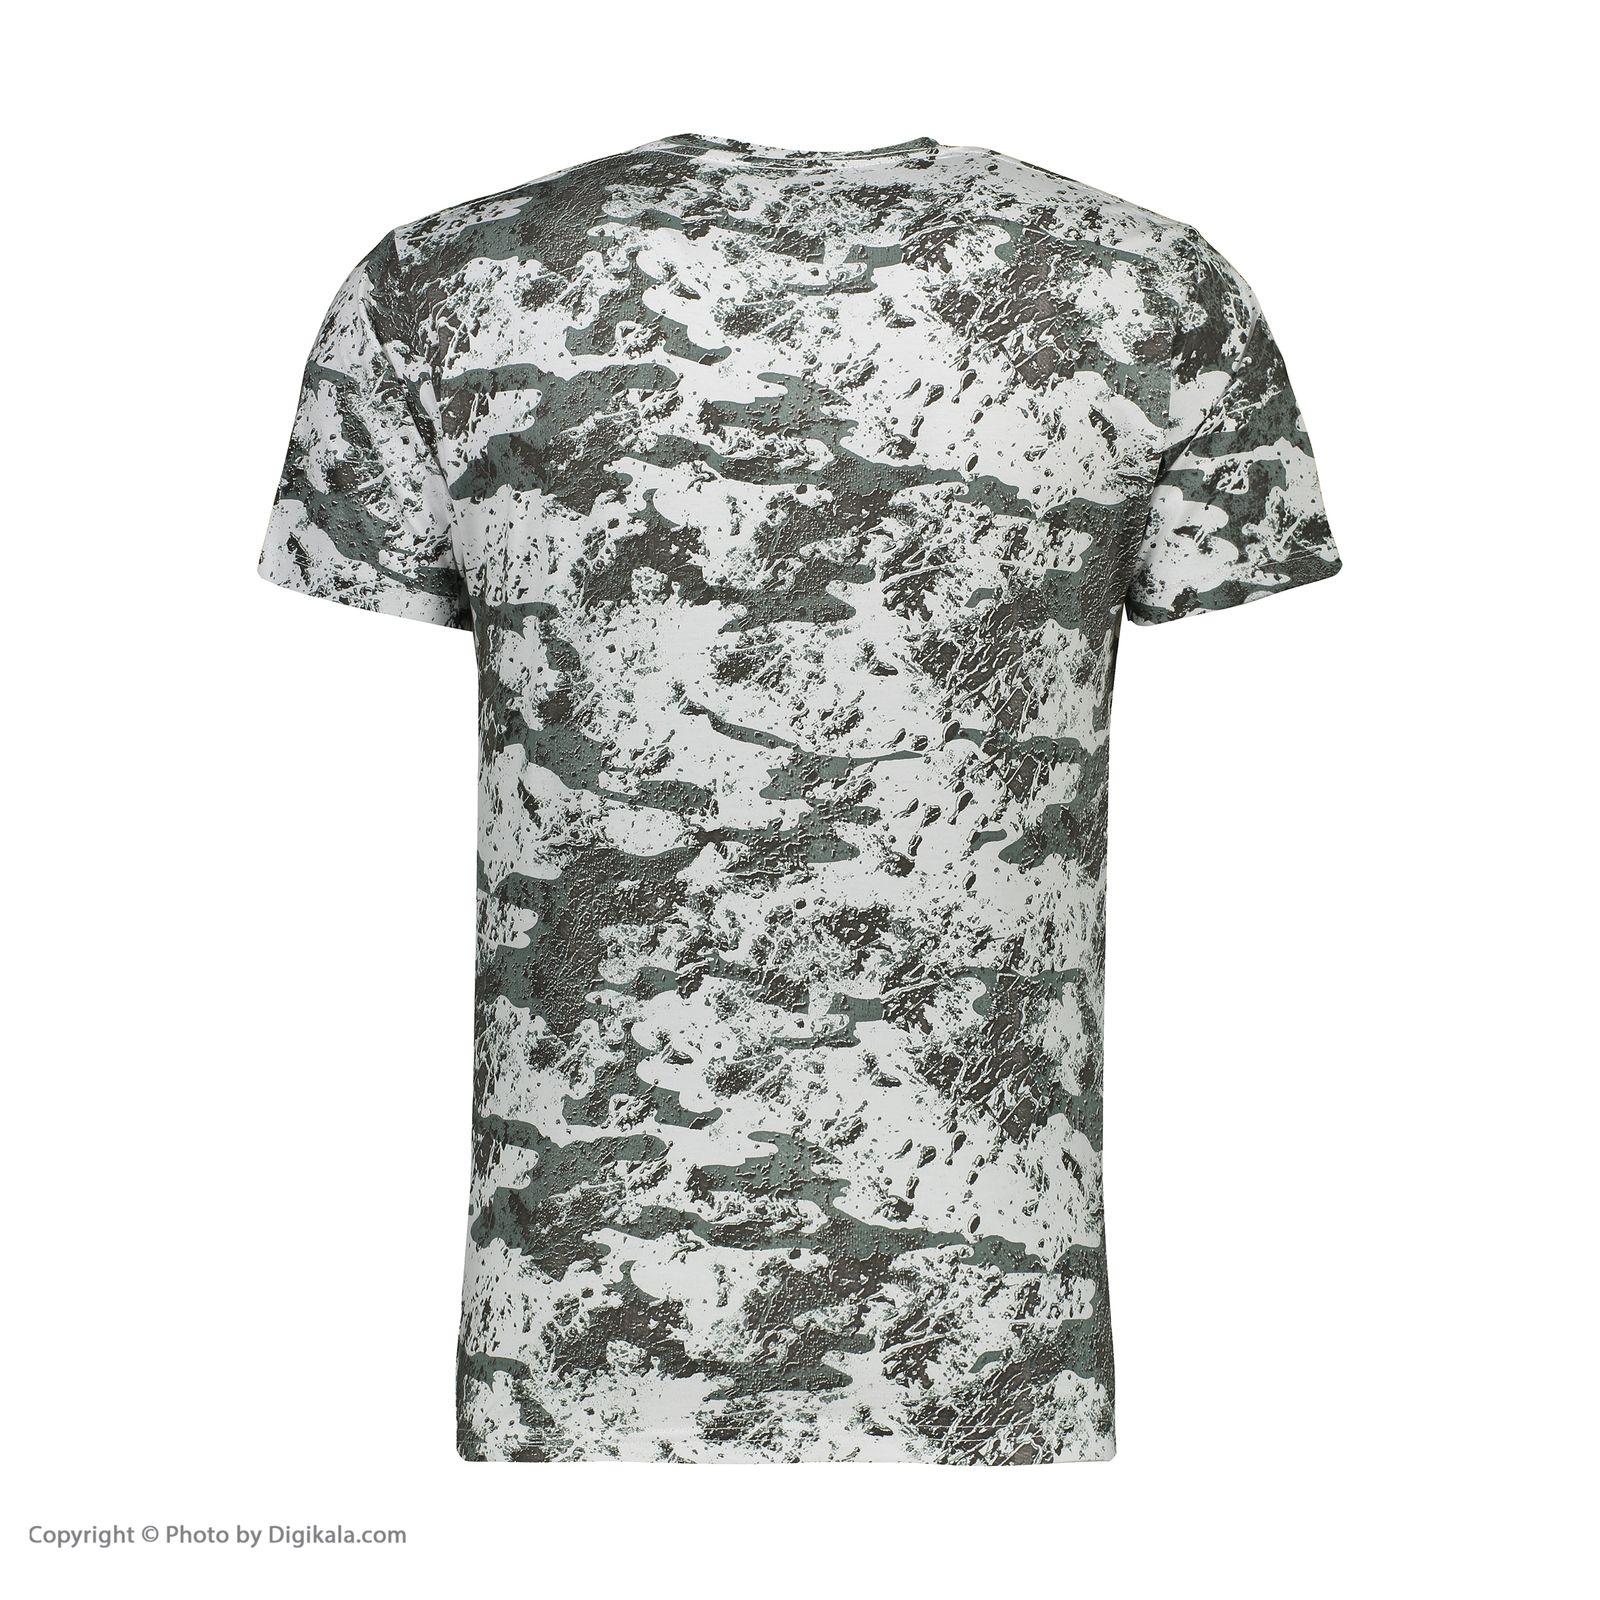 ست تی شرت و شلوار مردانه کد 111213-2 -  - 7